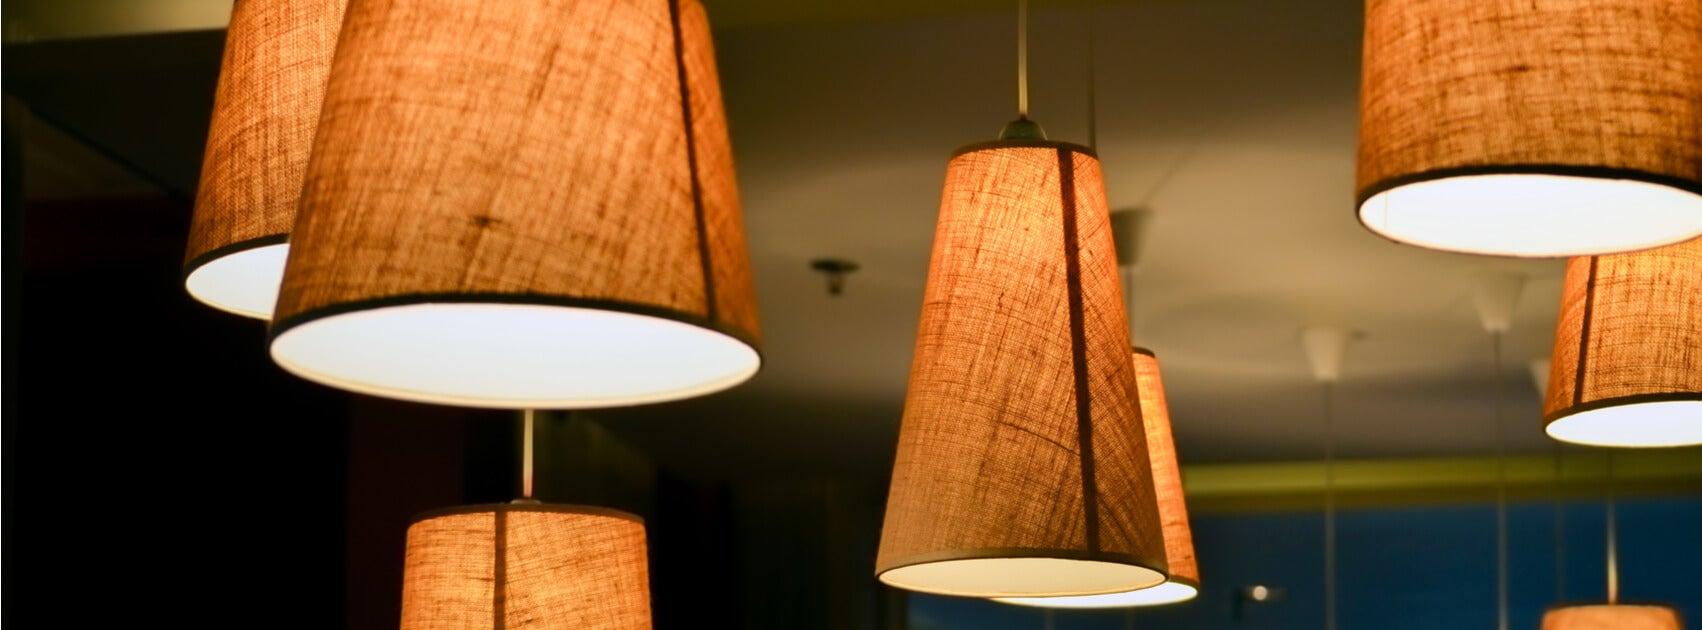 Dicas básicas para a iluminação da sua casa